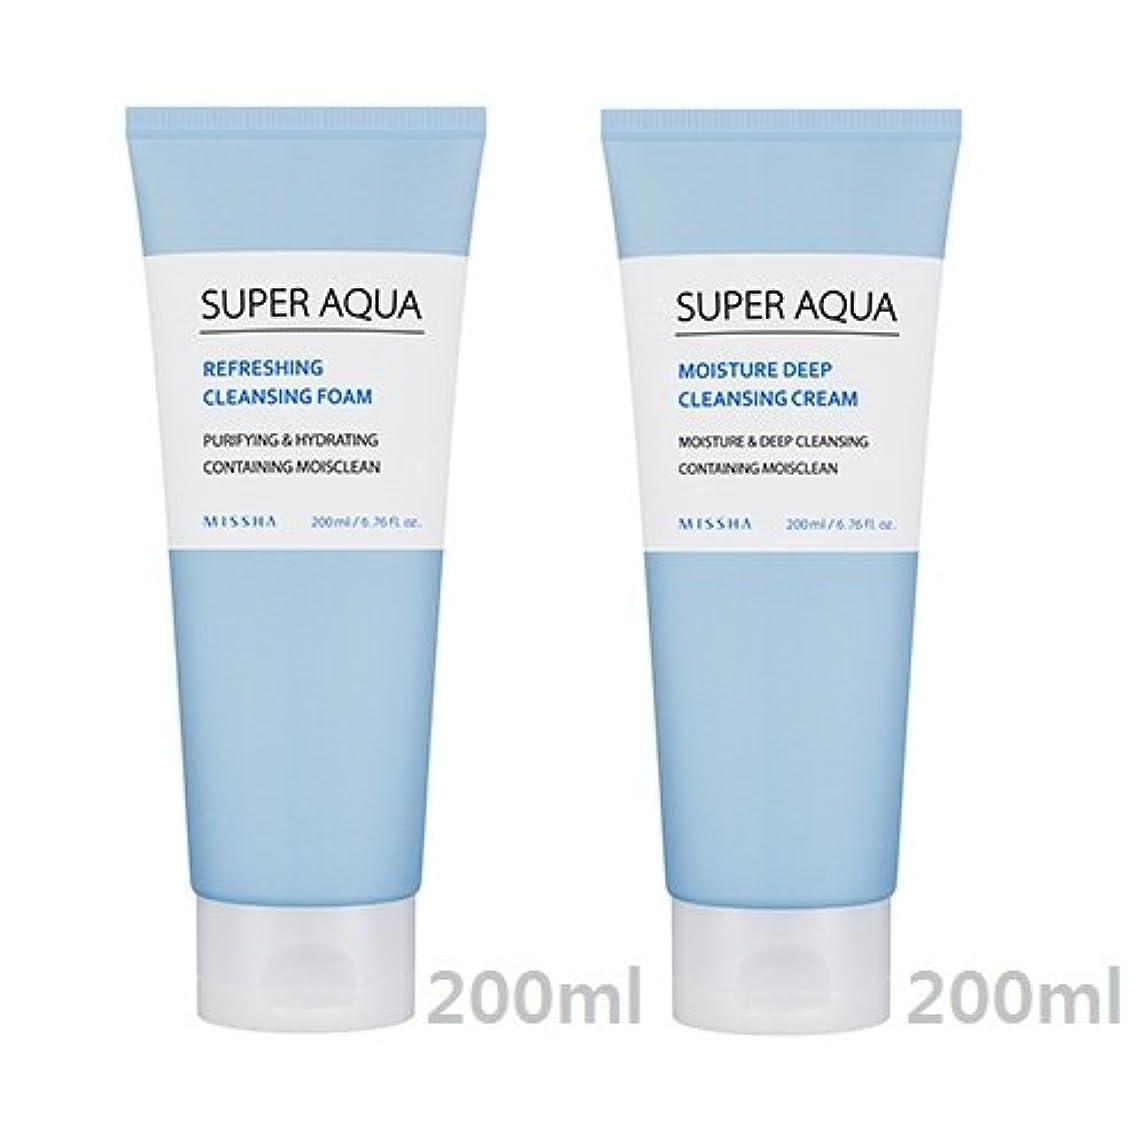 抑制ミリメートルどこにも[1+1] MISSHA Super Aqua Cleansing Cream + Foam/ミシャ スーパー アクア クレンジング クリーム + フォーム [並行輸入品]